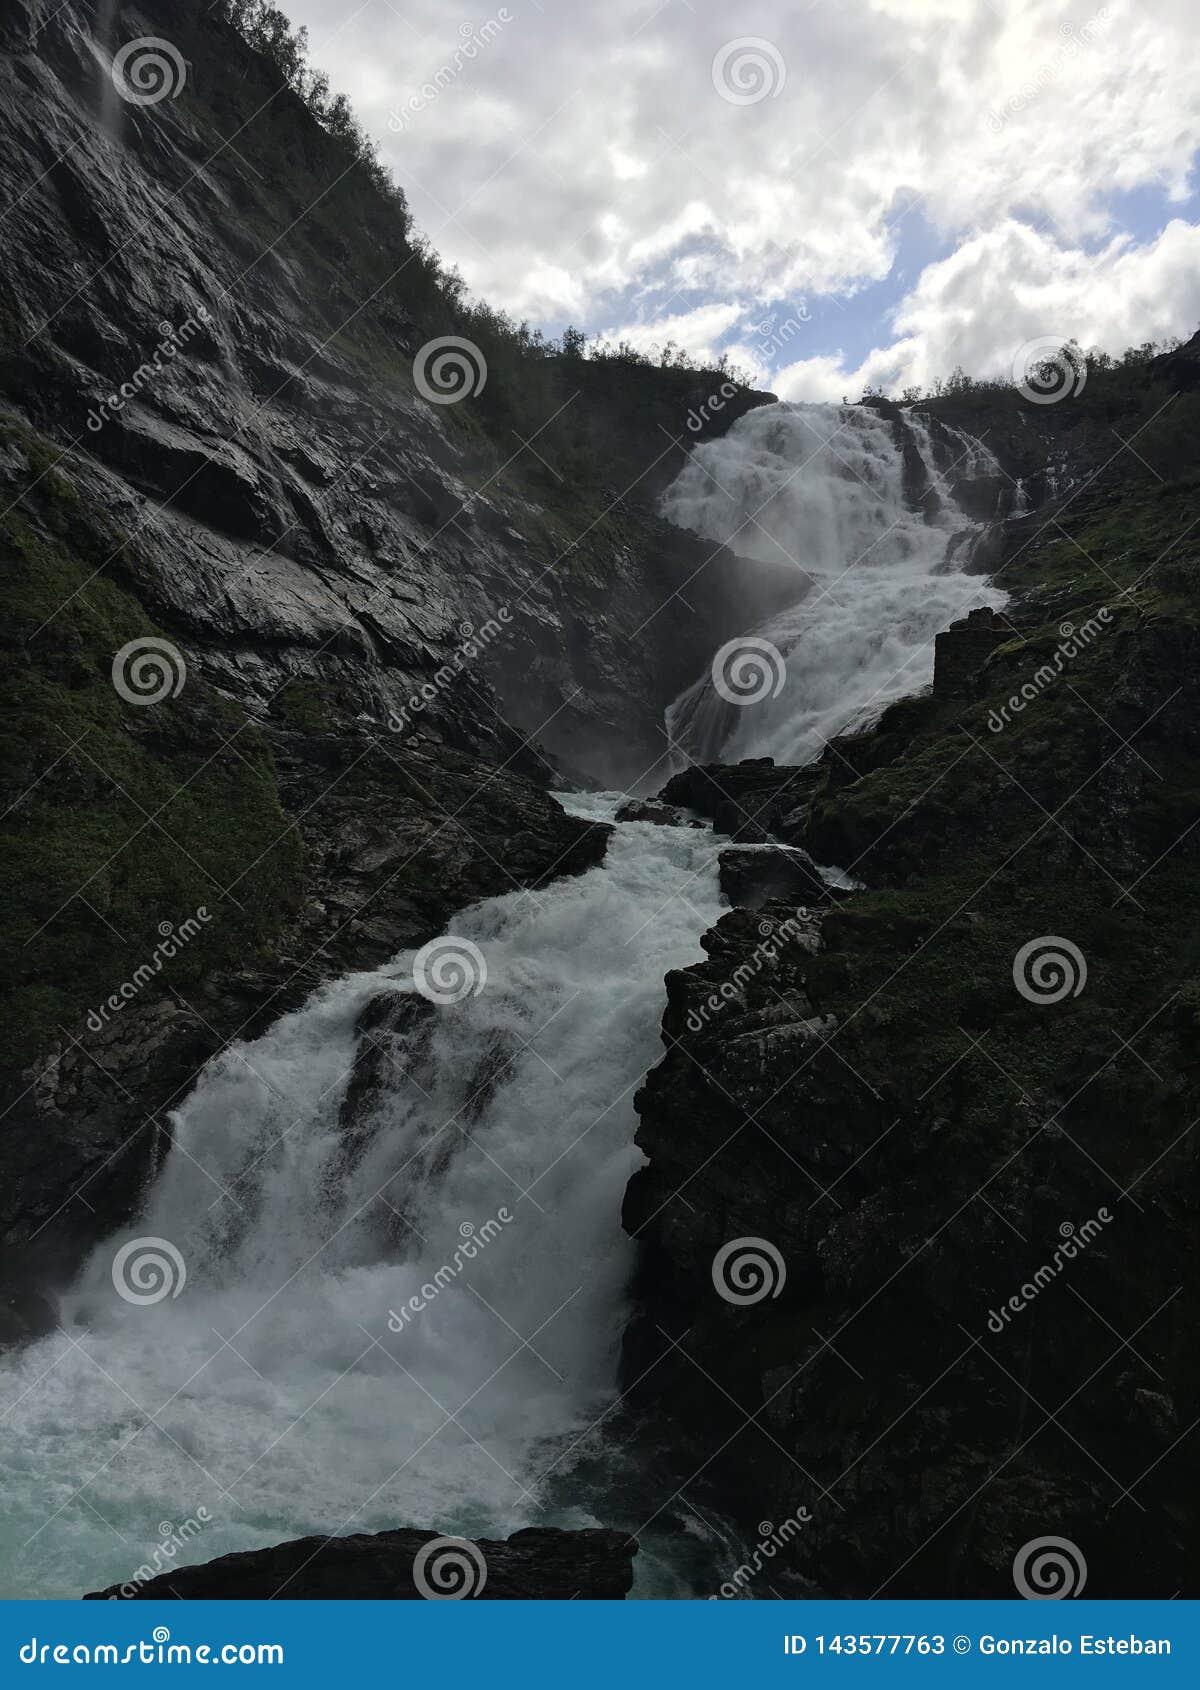 Kjossfossen Waterfall in Norway